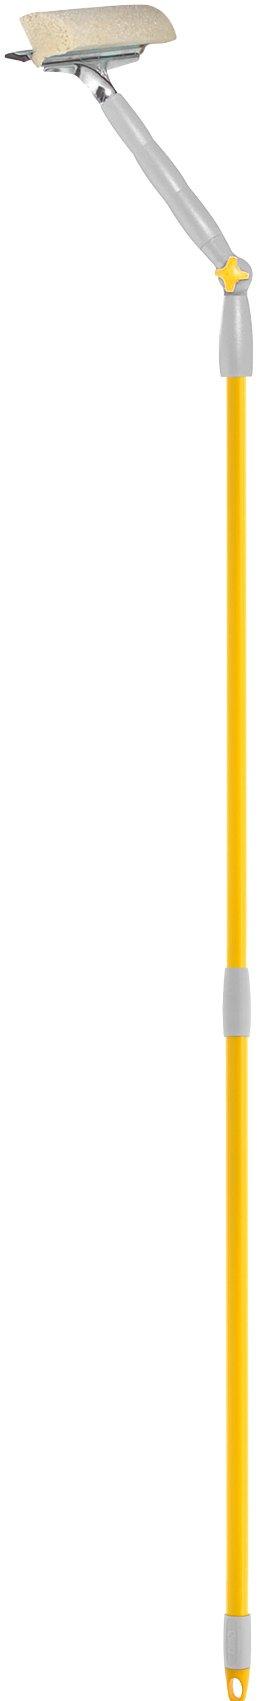 Стекломой с поворотной телескопической ручкой 20см., Apex,